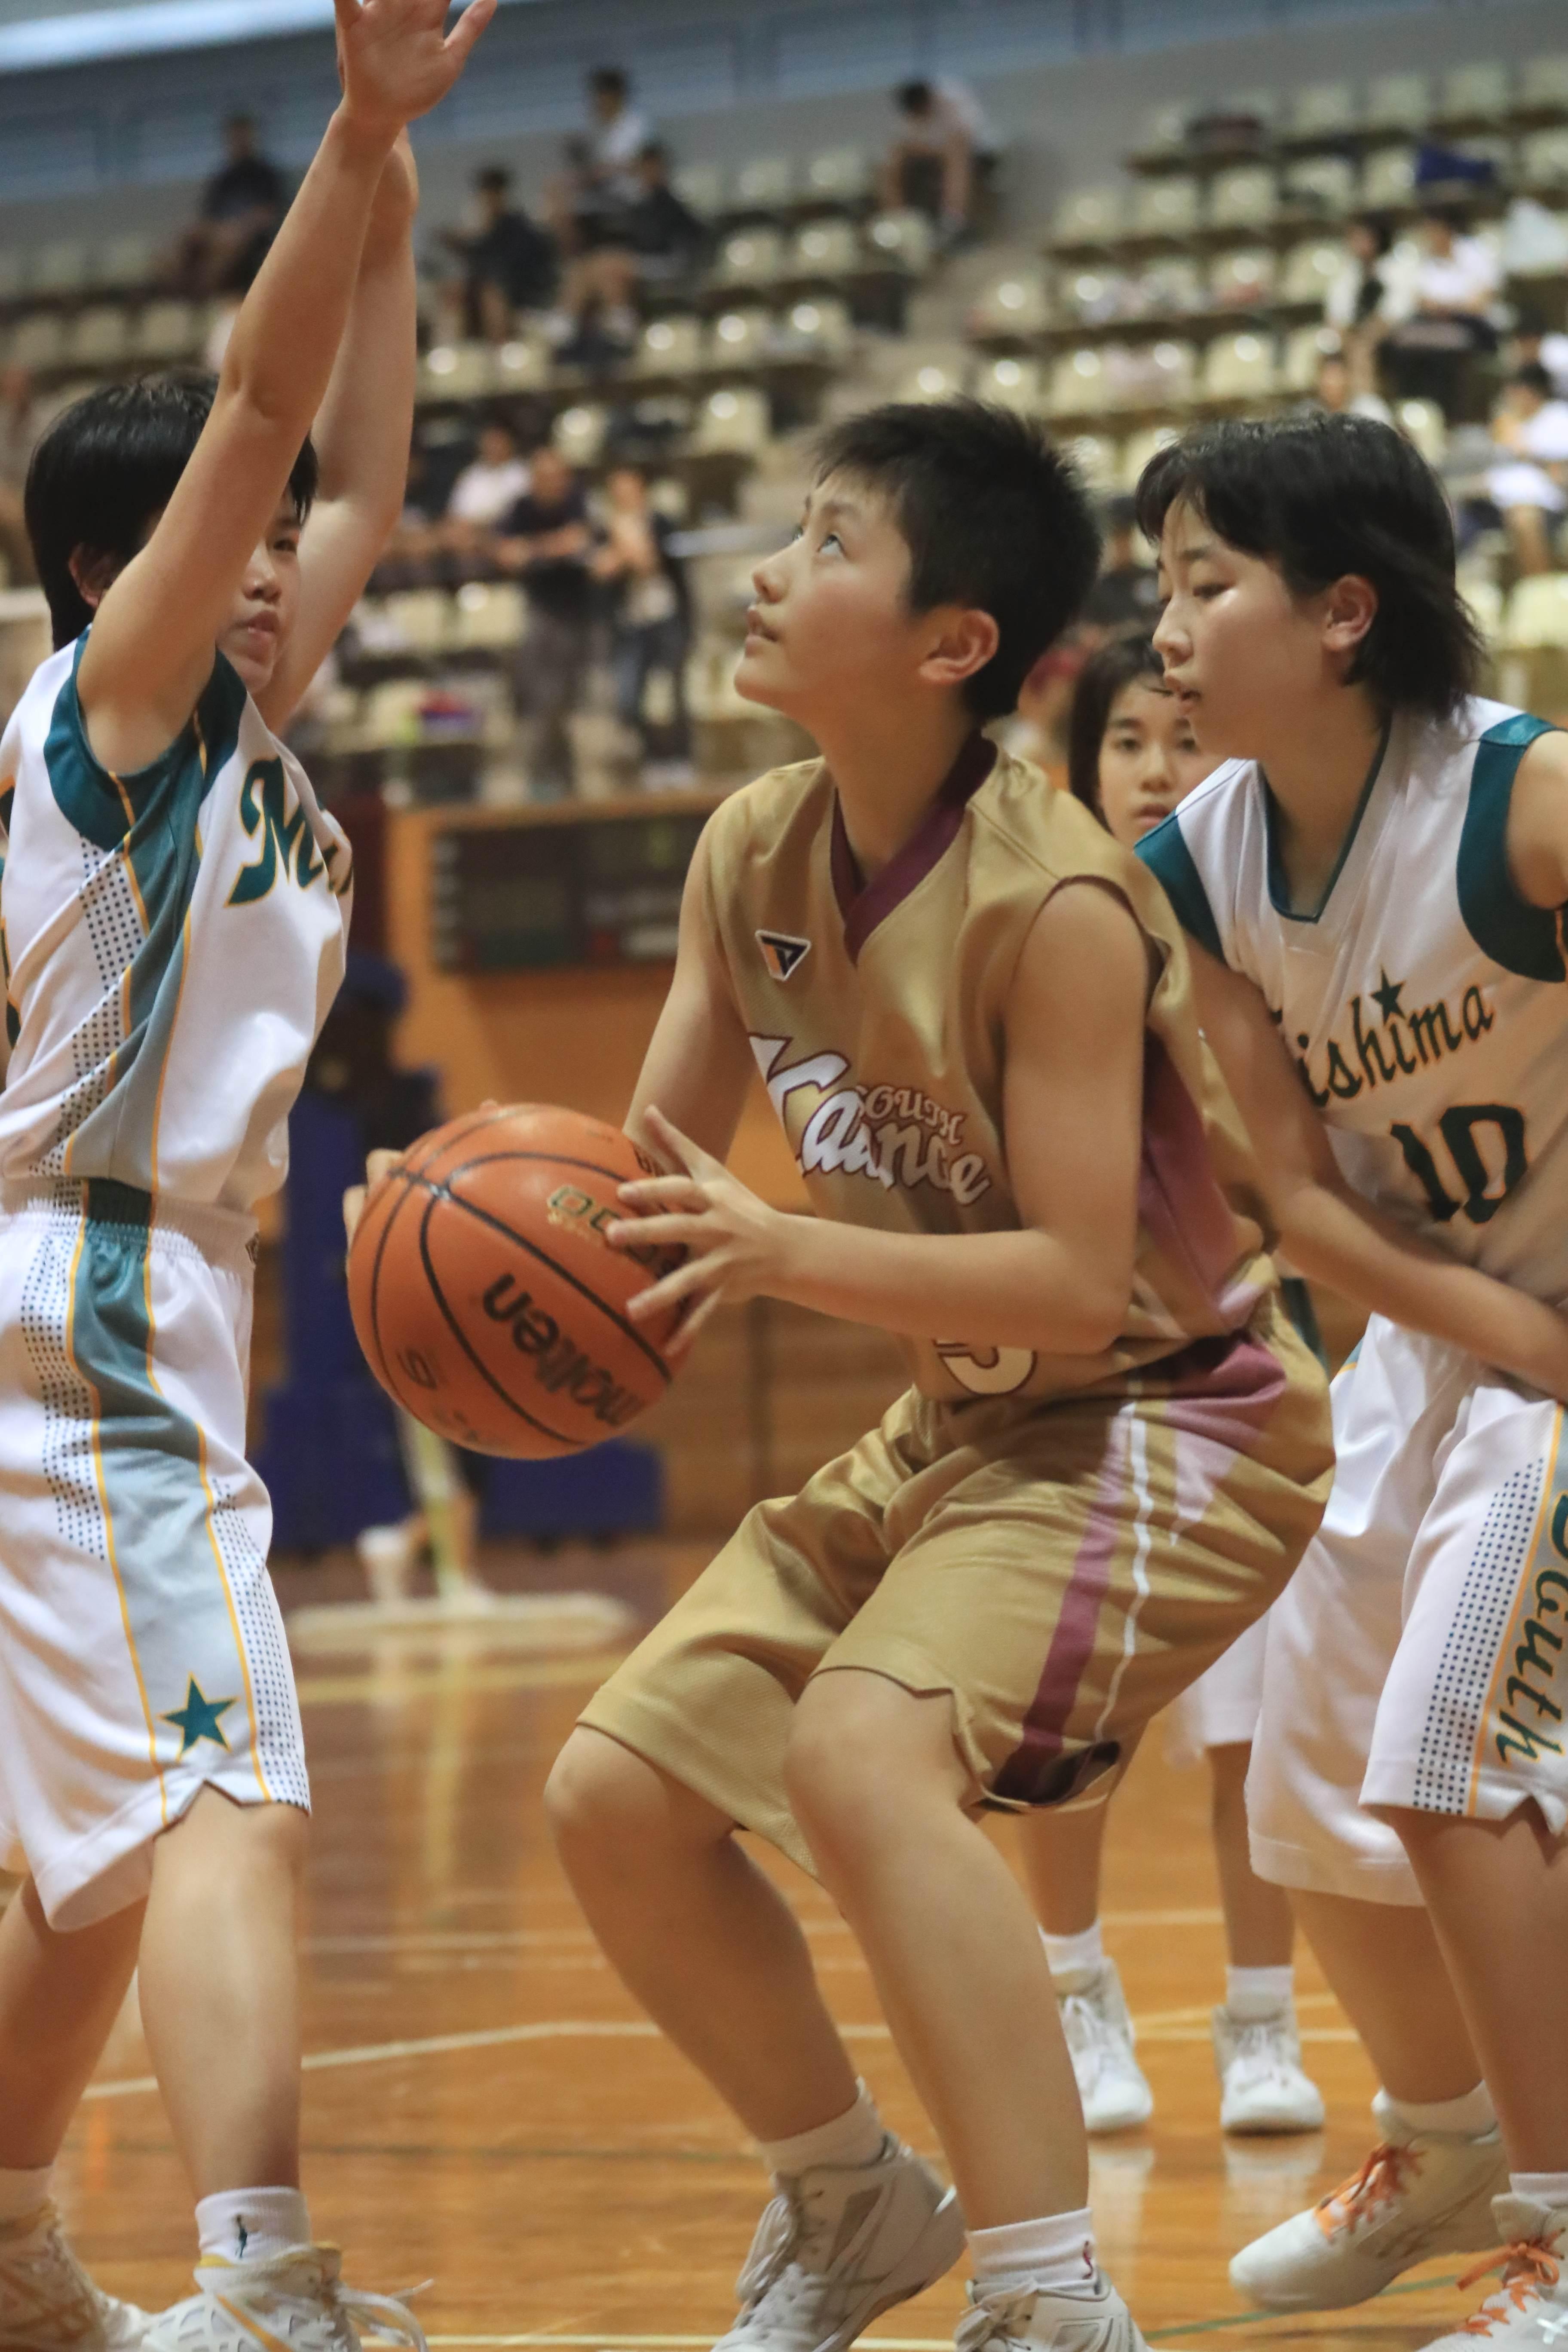 バスケットボール (136)